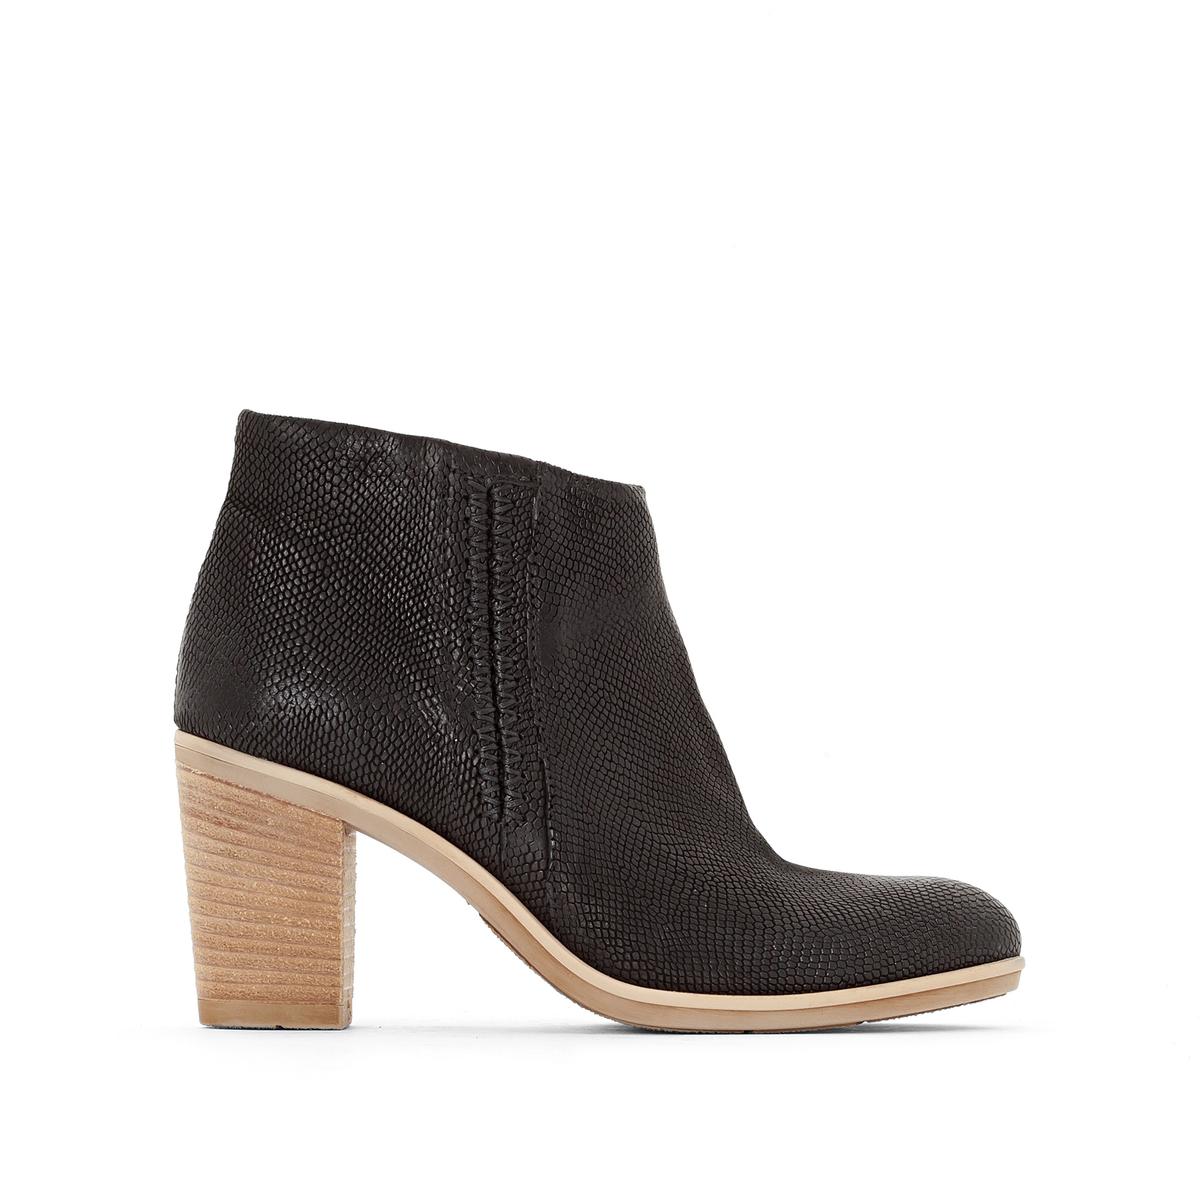 Ботильоны кожаные Melody на каблукеВерх/Голенище: кожа.  Подкладка: кожа.  Стелька: кожа.  Подошва: резина.Высота каблука: 8 см.Форма каблука: широкий каблук.Мысок: закругленный.Застежка: на молнию.<br><br>Цвет: черный<br>Размер: 36